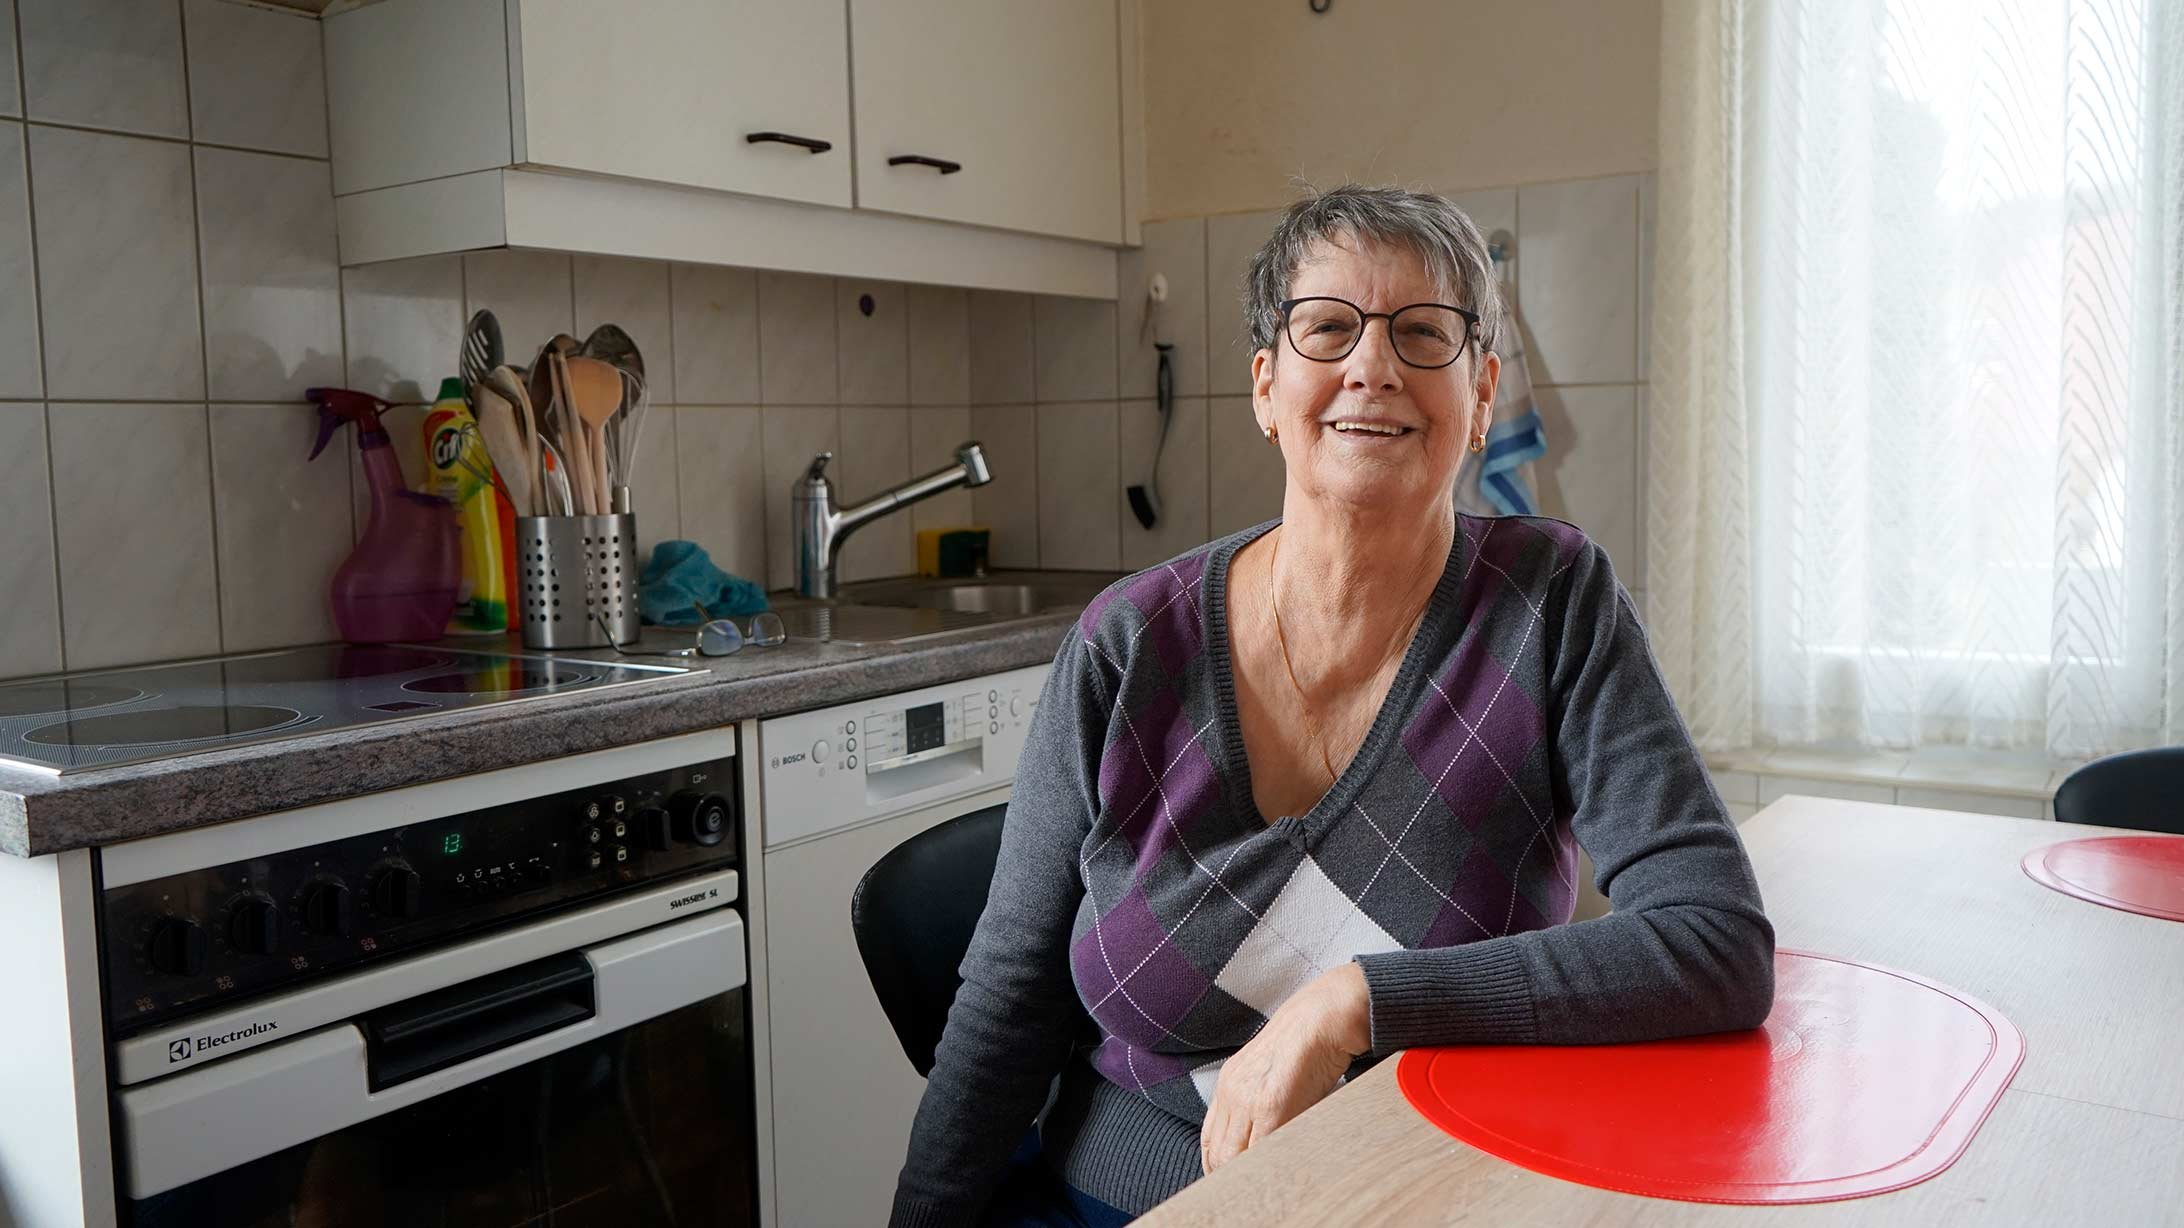 Morbus Crohn Patientin zuhause in ihrer Küche